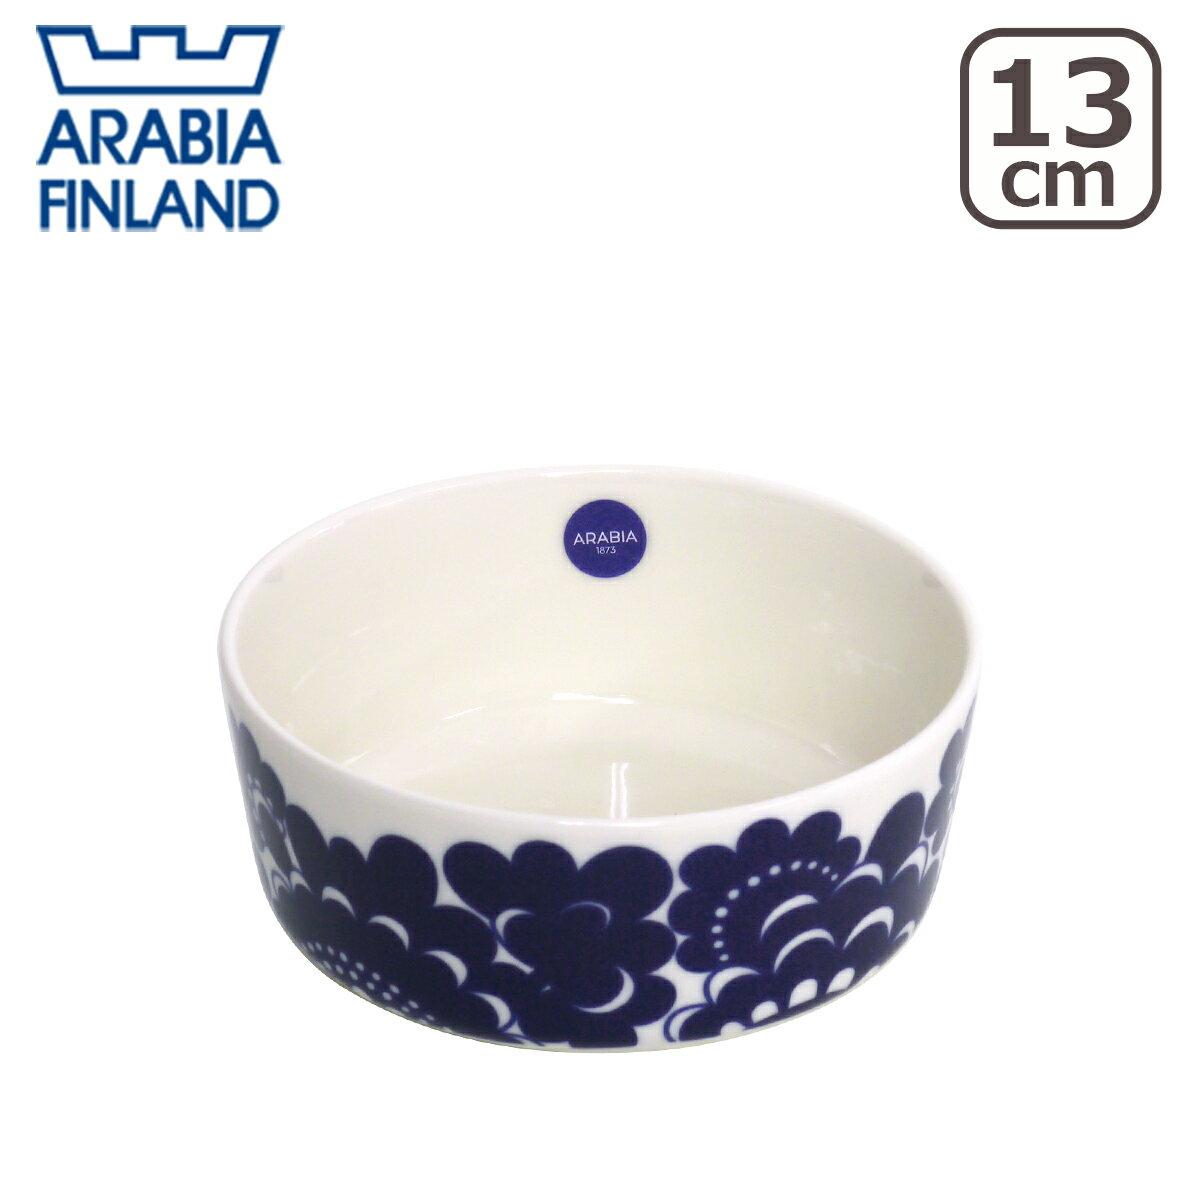 アラビア(Arabia) ESTERI(エステリ) 13cm ボウル 北欧 フィンランド 食器